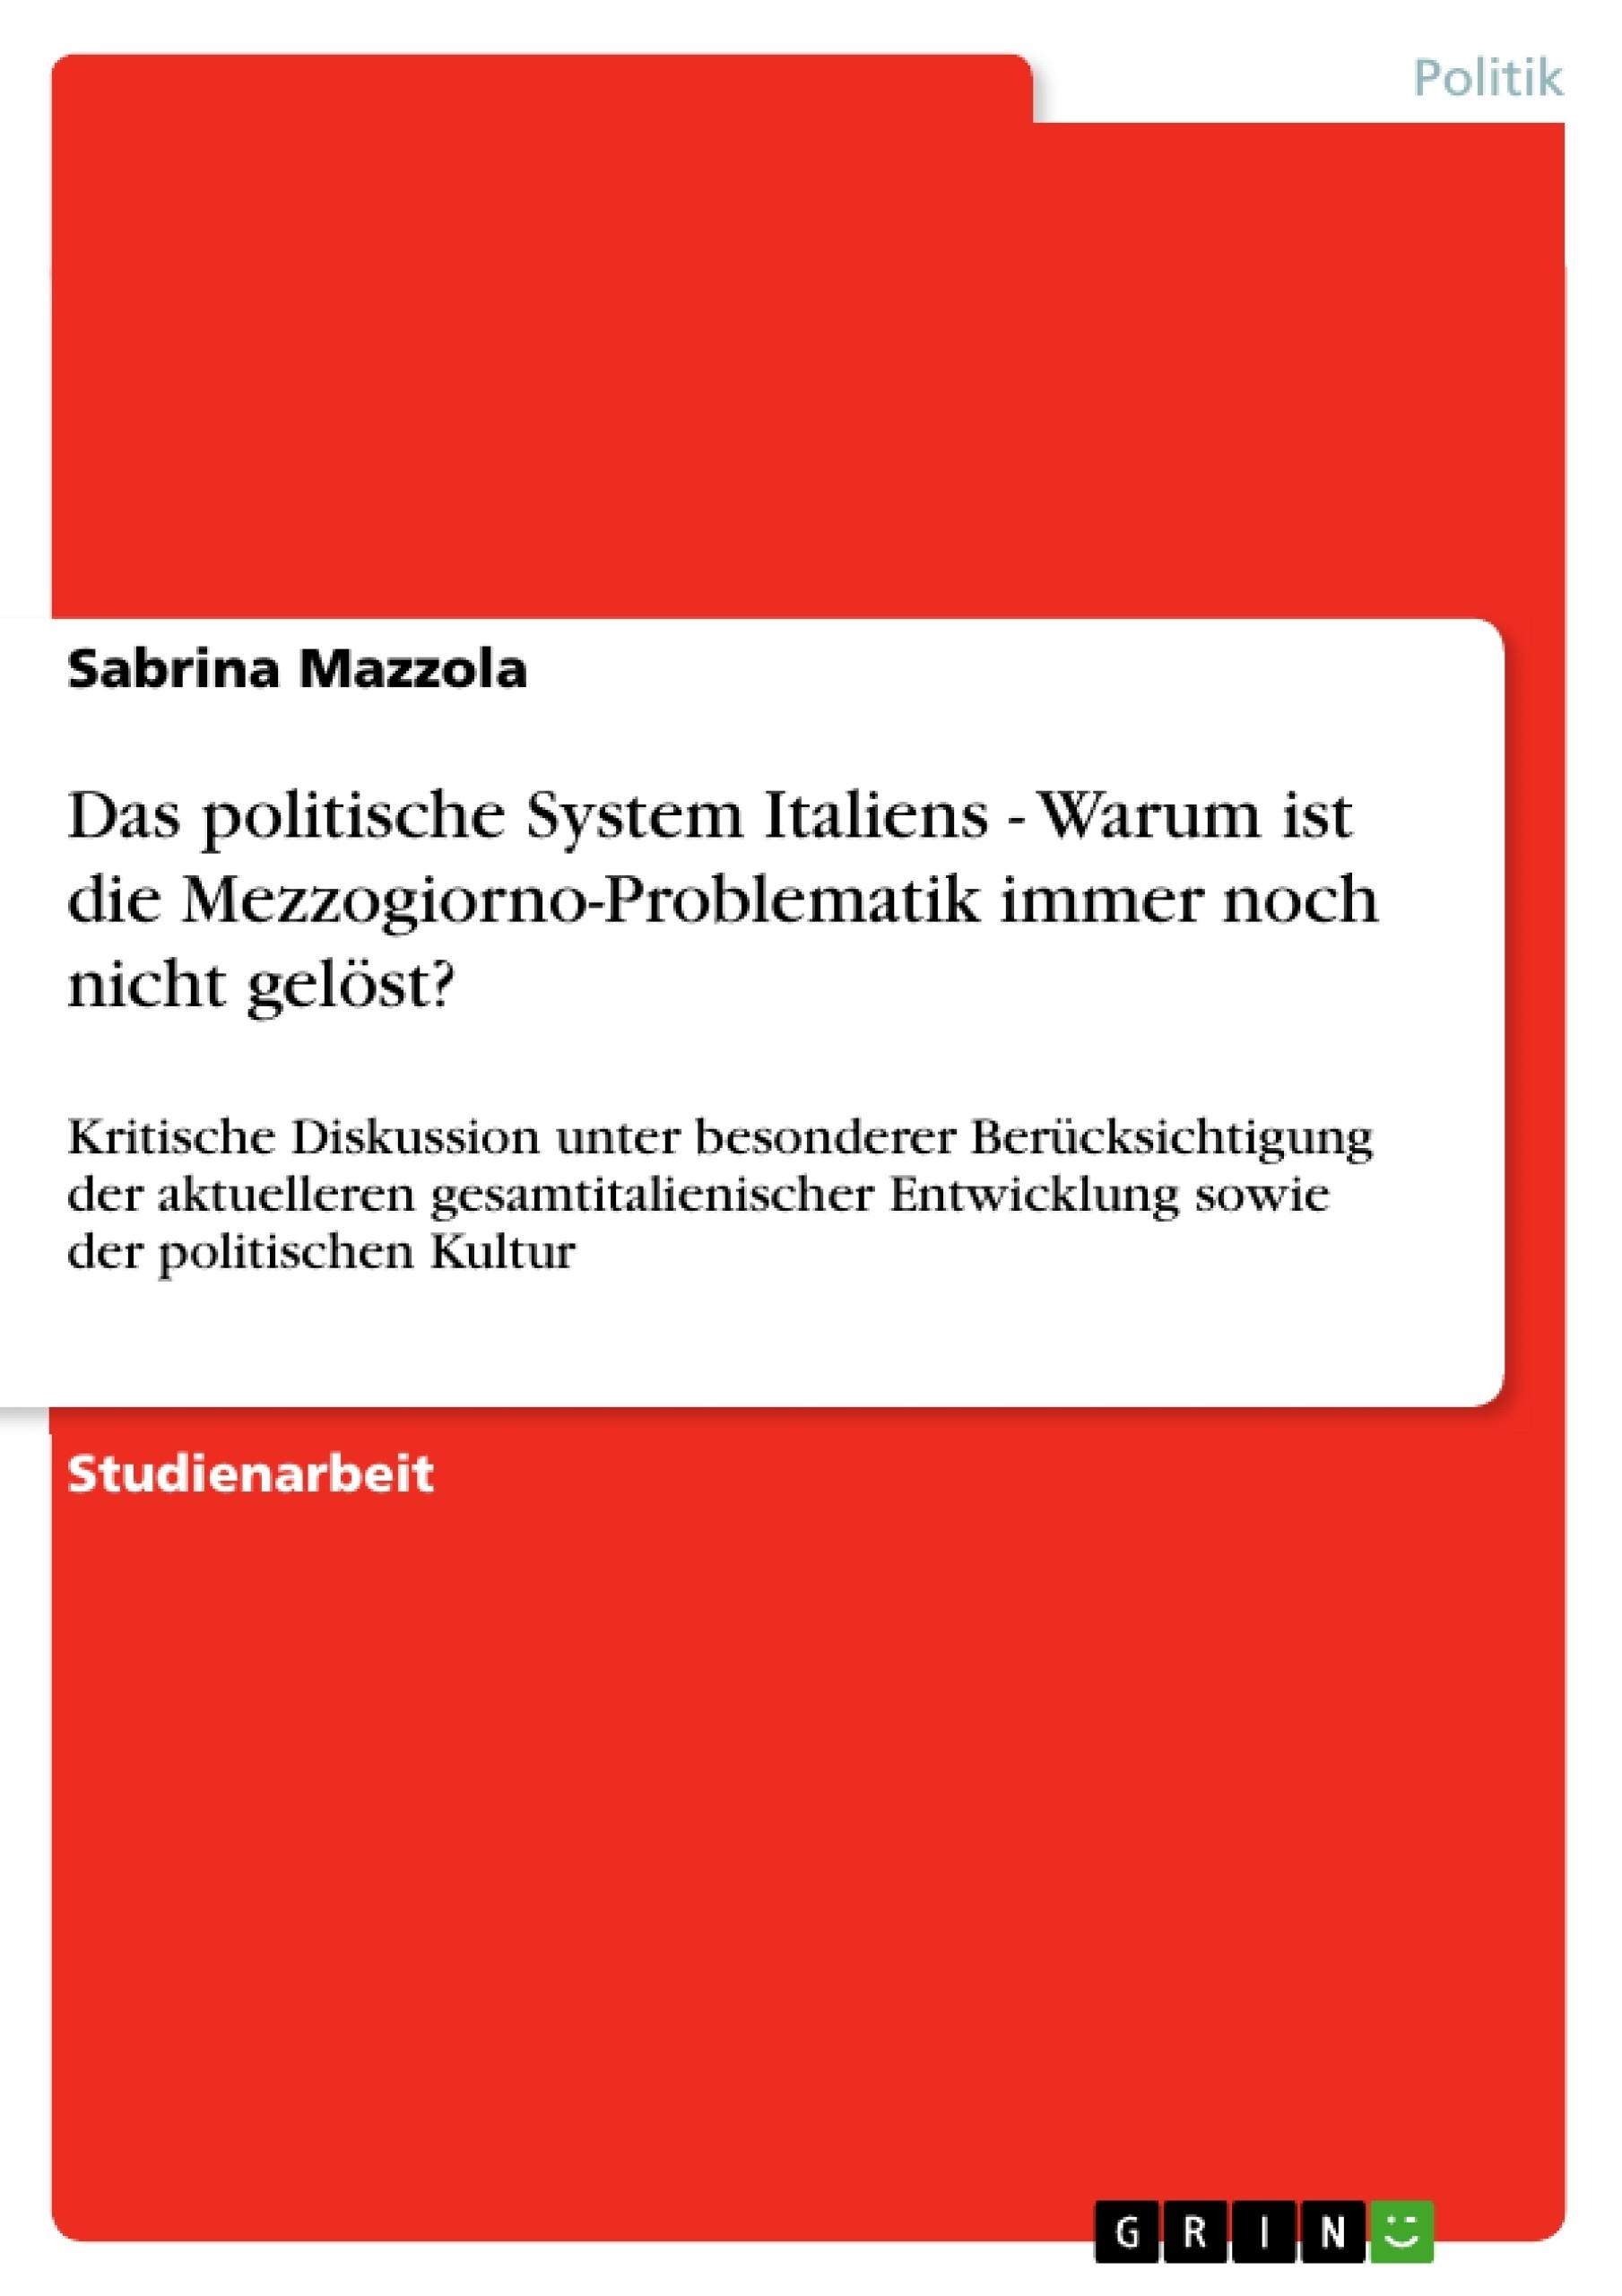 Titel: Das politische System Italiens - Warum ist die Mezzogiorno-Problematik immer noch nicht gelöst?